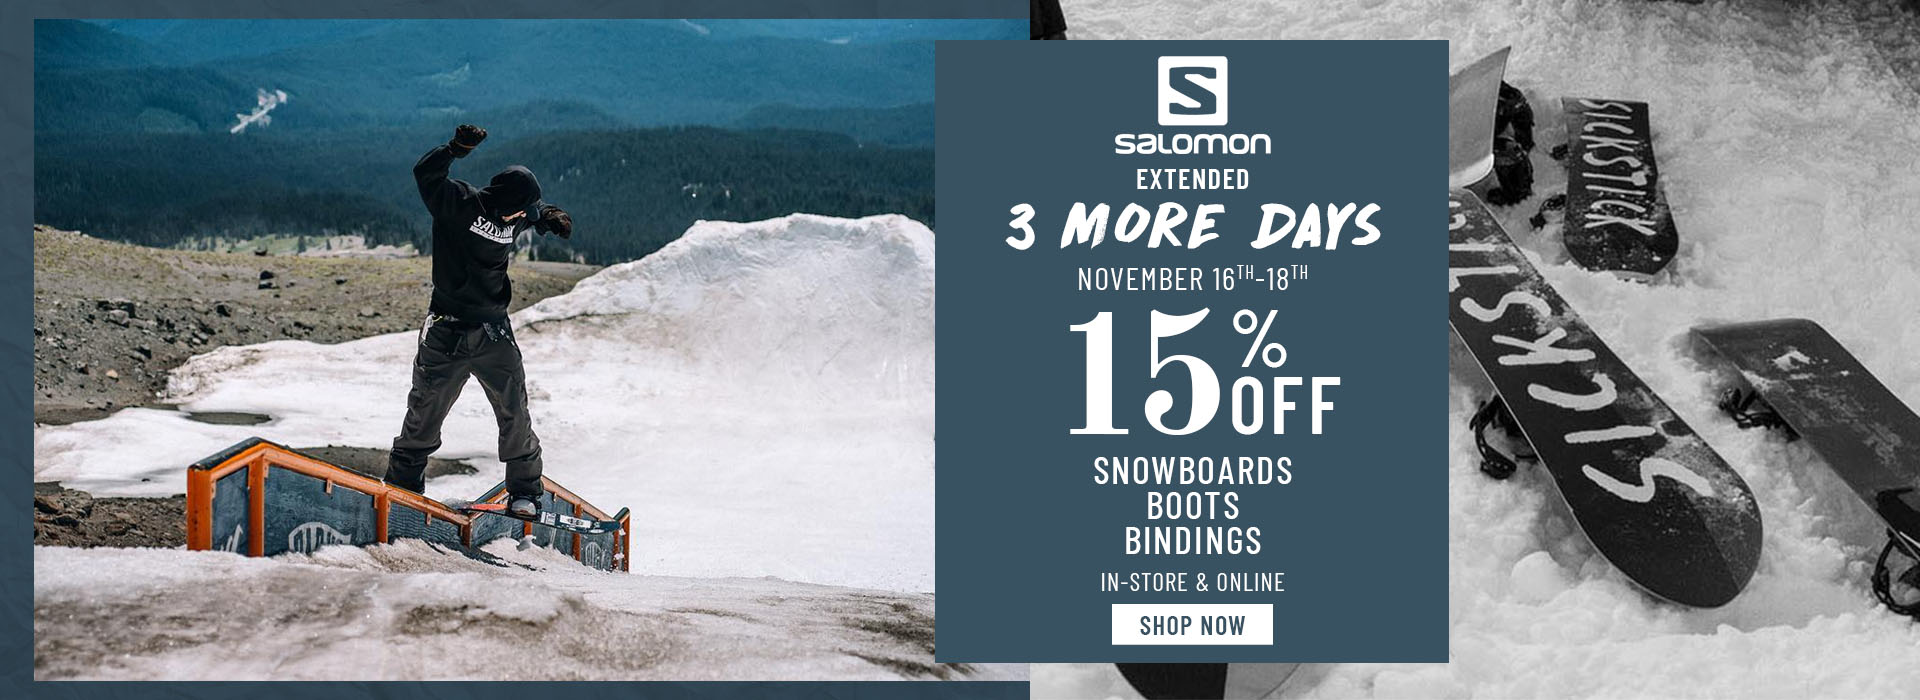 2019-Salomon-Snowboard-Sale